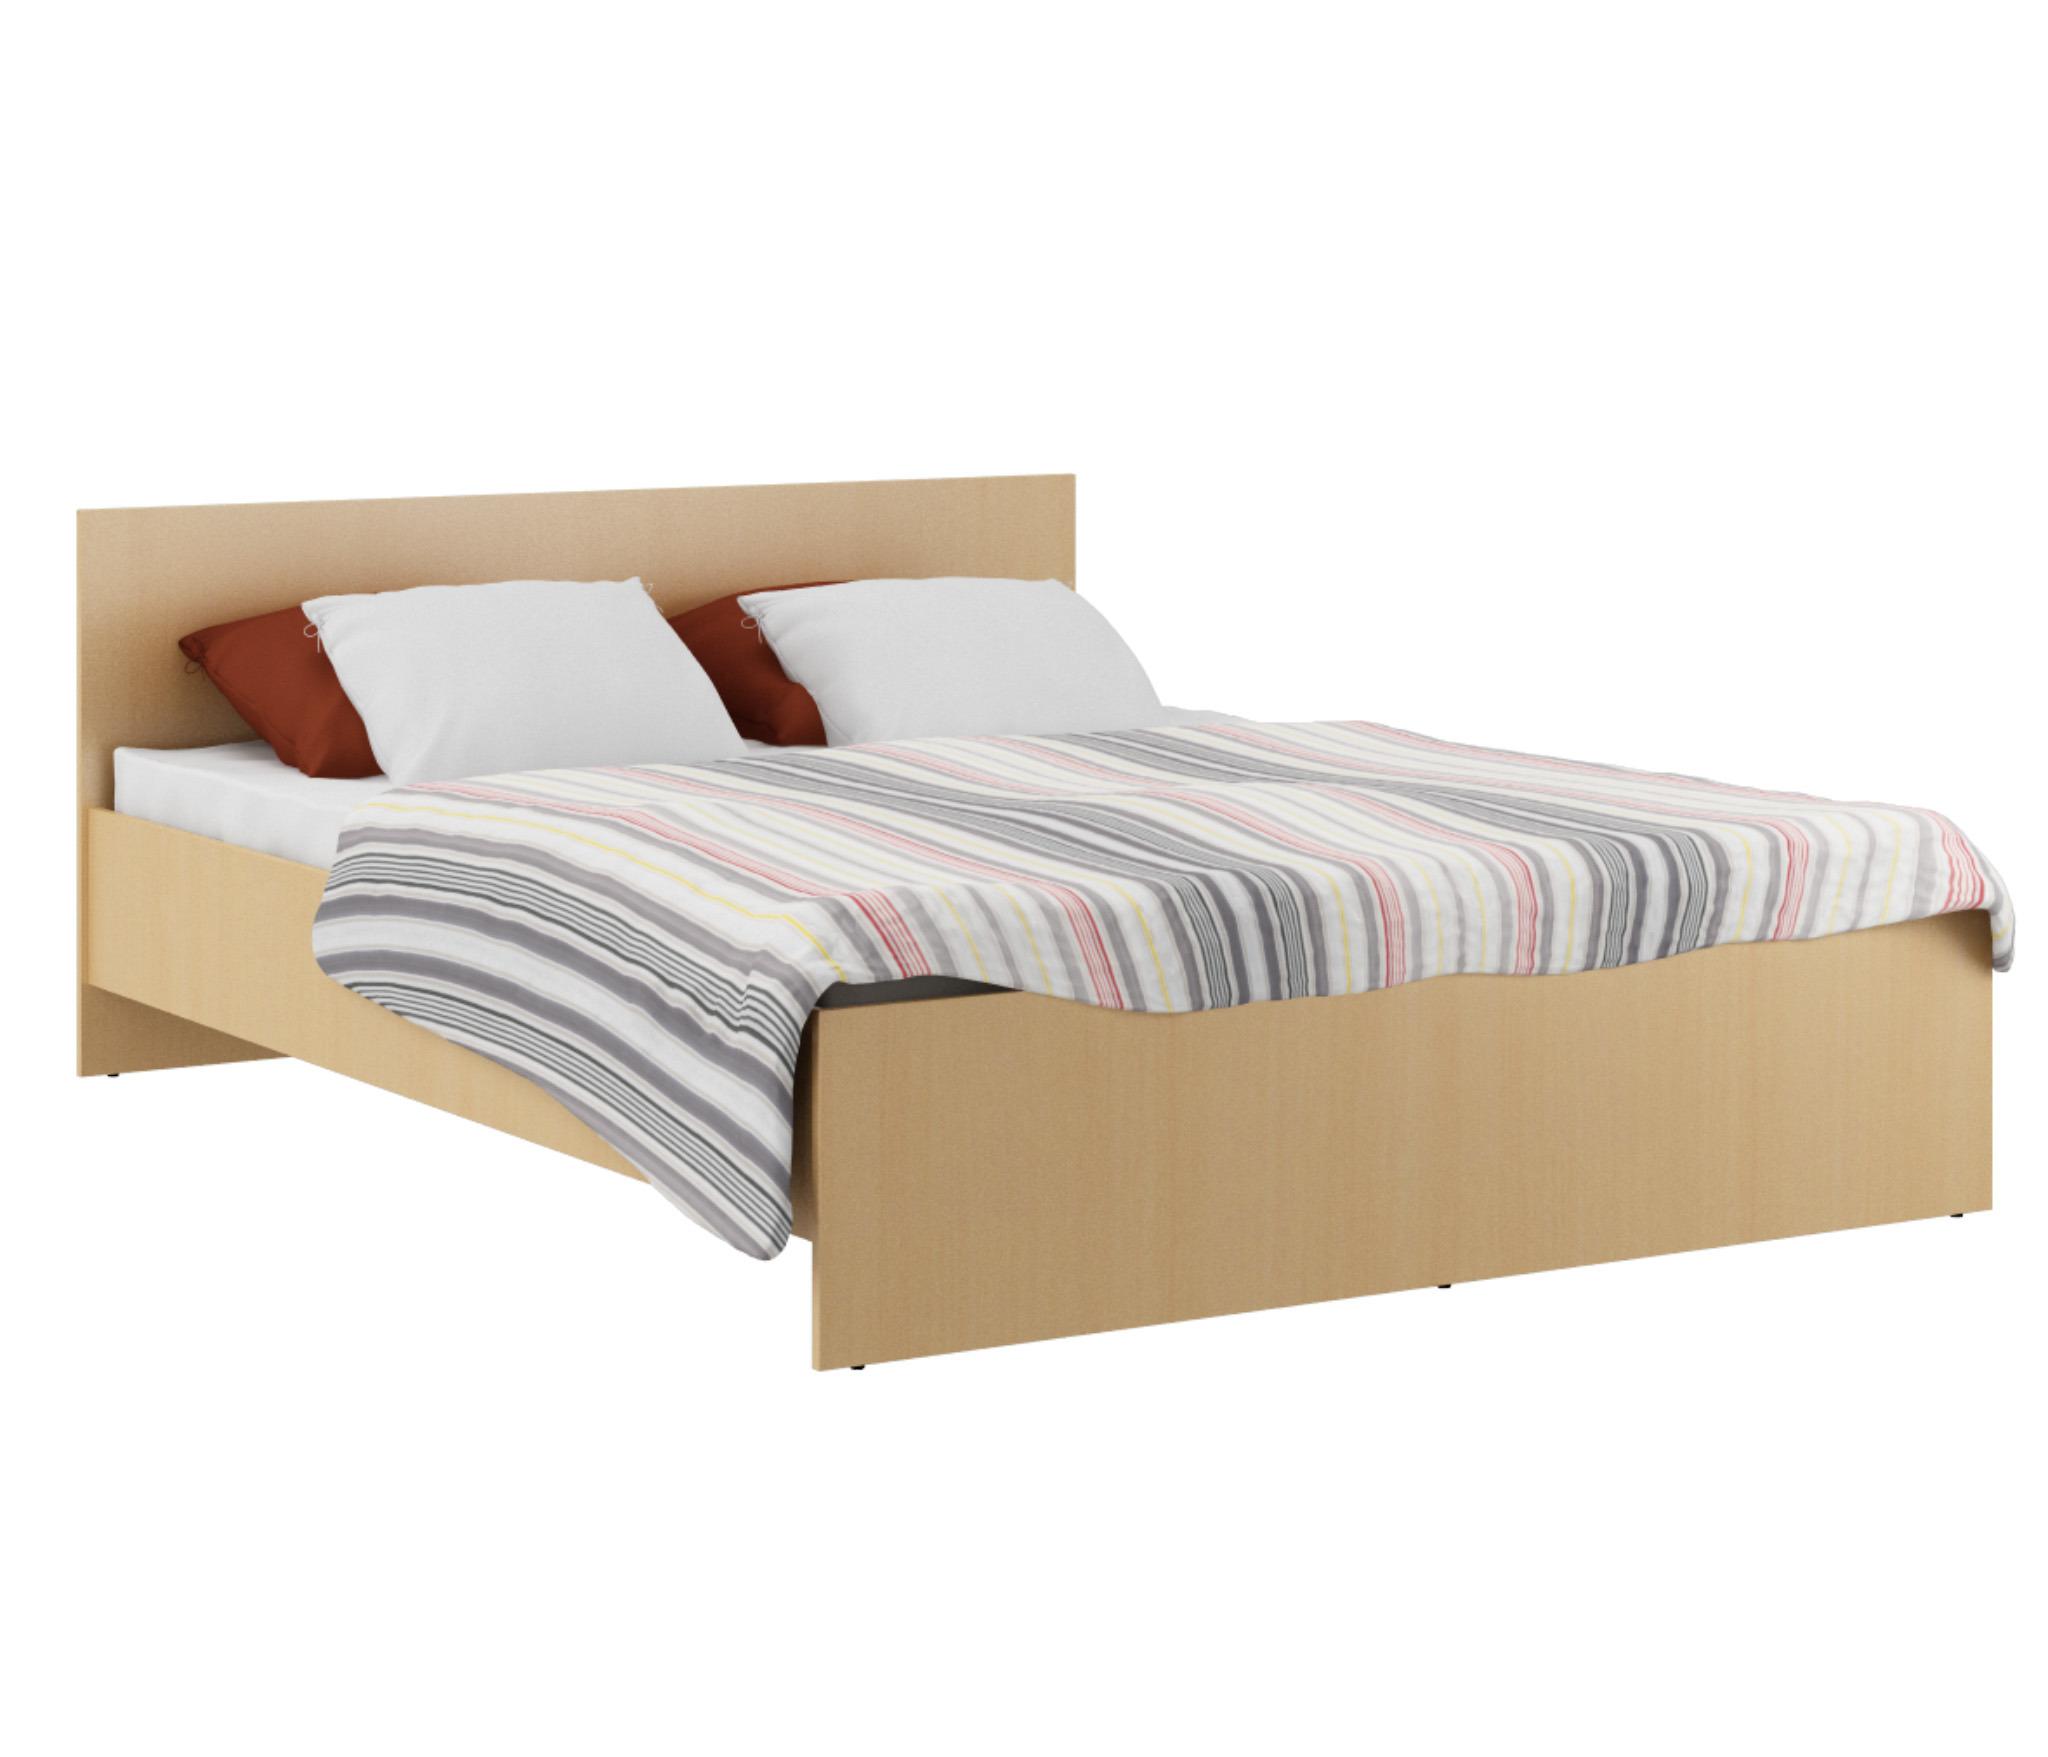 Фред СБ-2131 Кровать БукWКровати<br><br><br>Длина мм: 1652<br>Высота мм: 770<br>Глубина мм: 2044